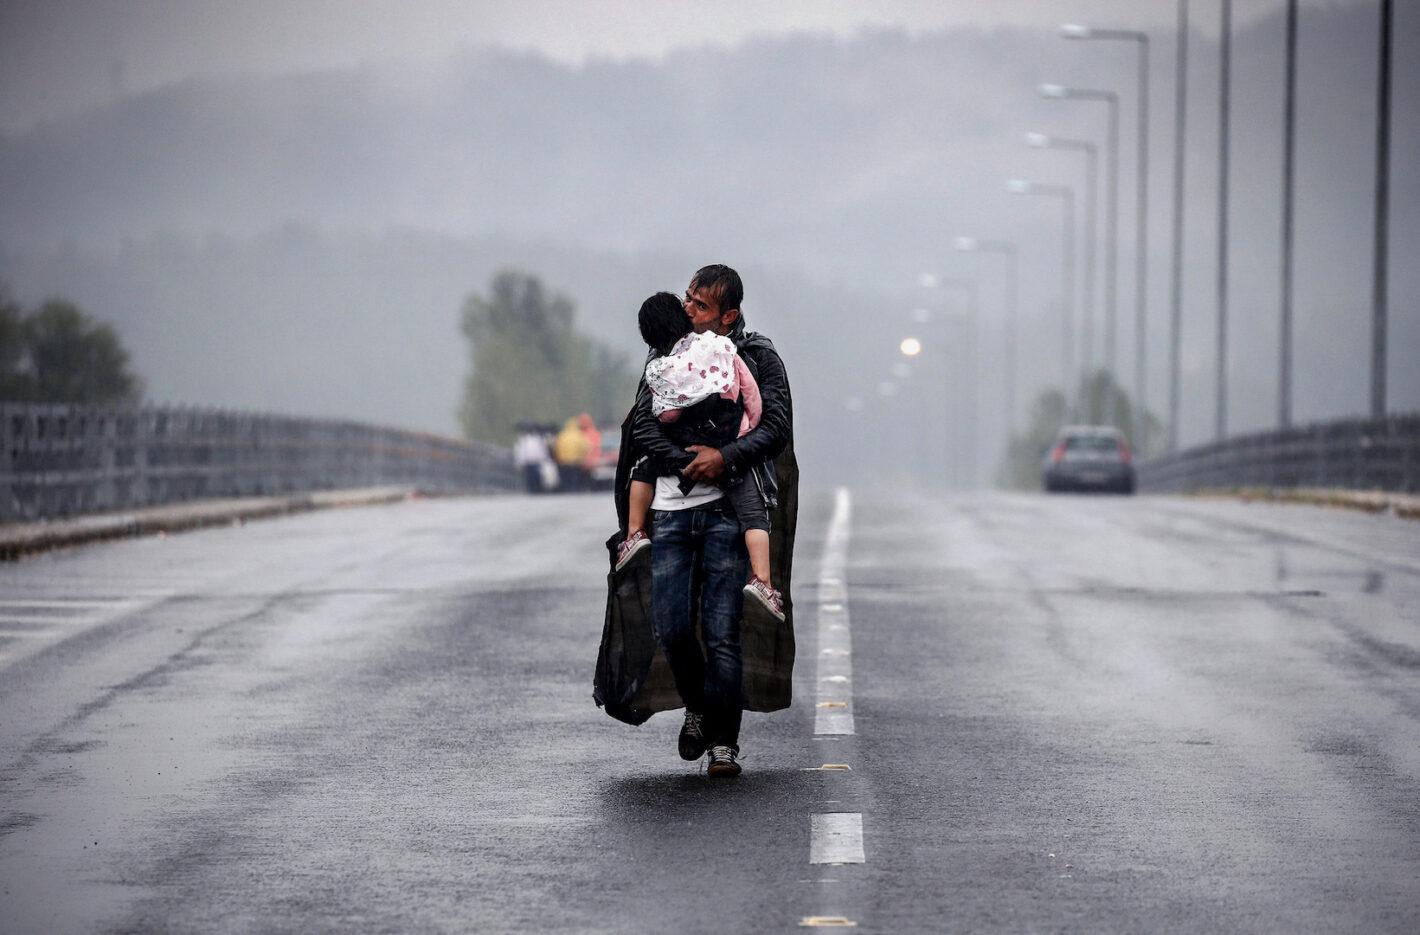 Un réfugié syrien embrasse sa fille pendant qu'il marche à travers la plus torrentielle en direction de la frontière gréco-macédonienne, à proximité du village d'Idomeni - 10 septembre 2015 - REUTERS/Yannis Behrakis